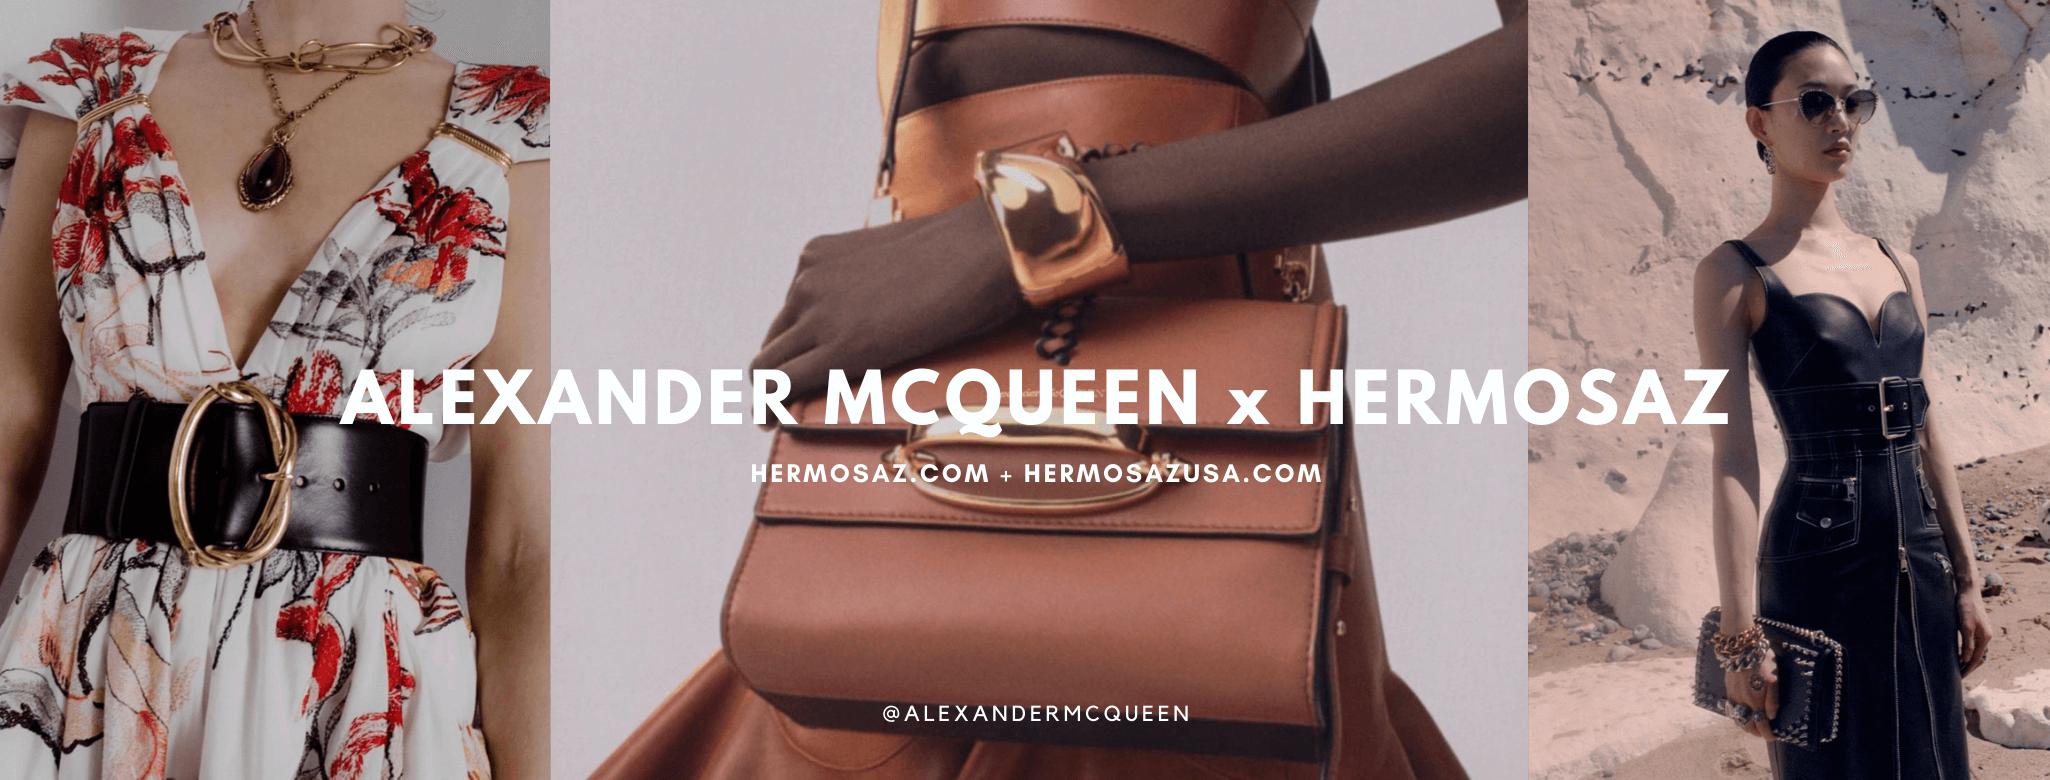 Alexander McQueen x Hermosaz